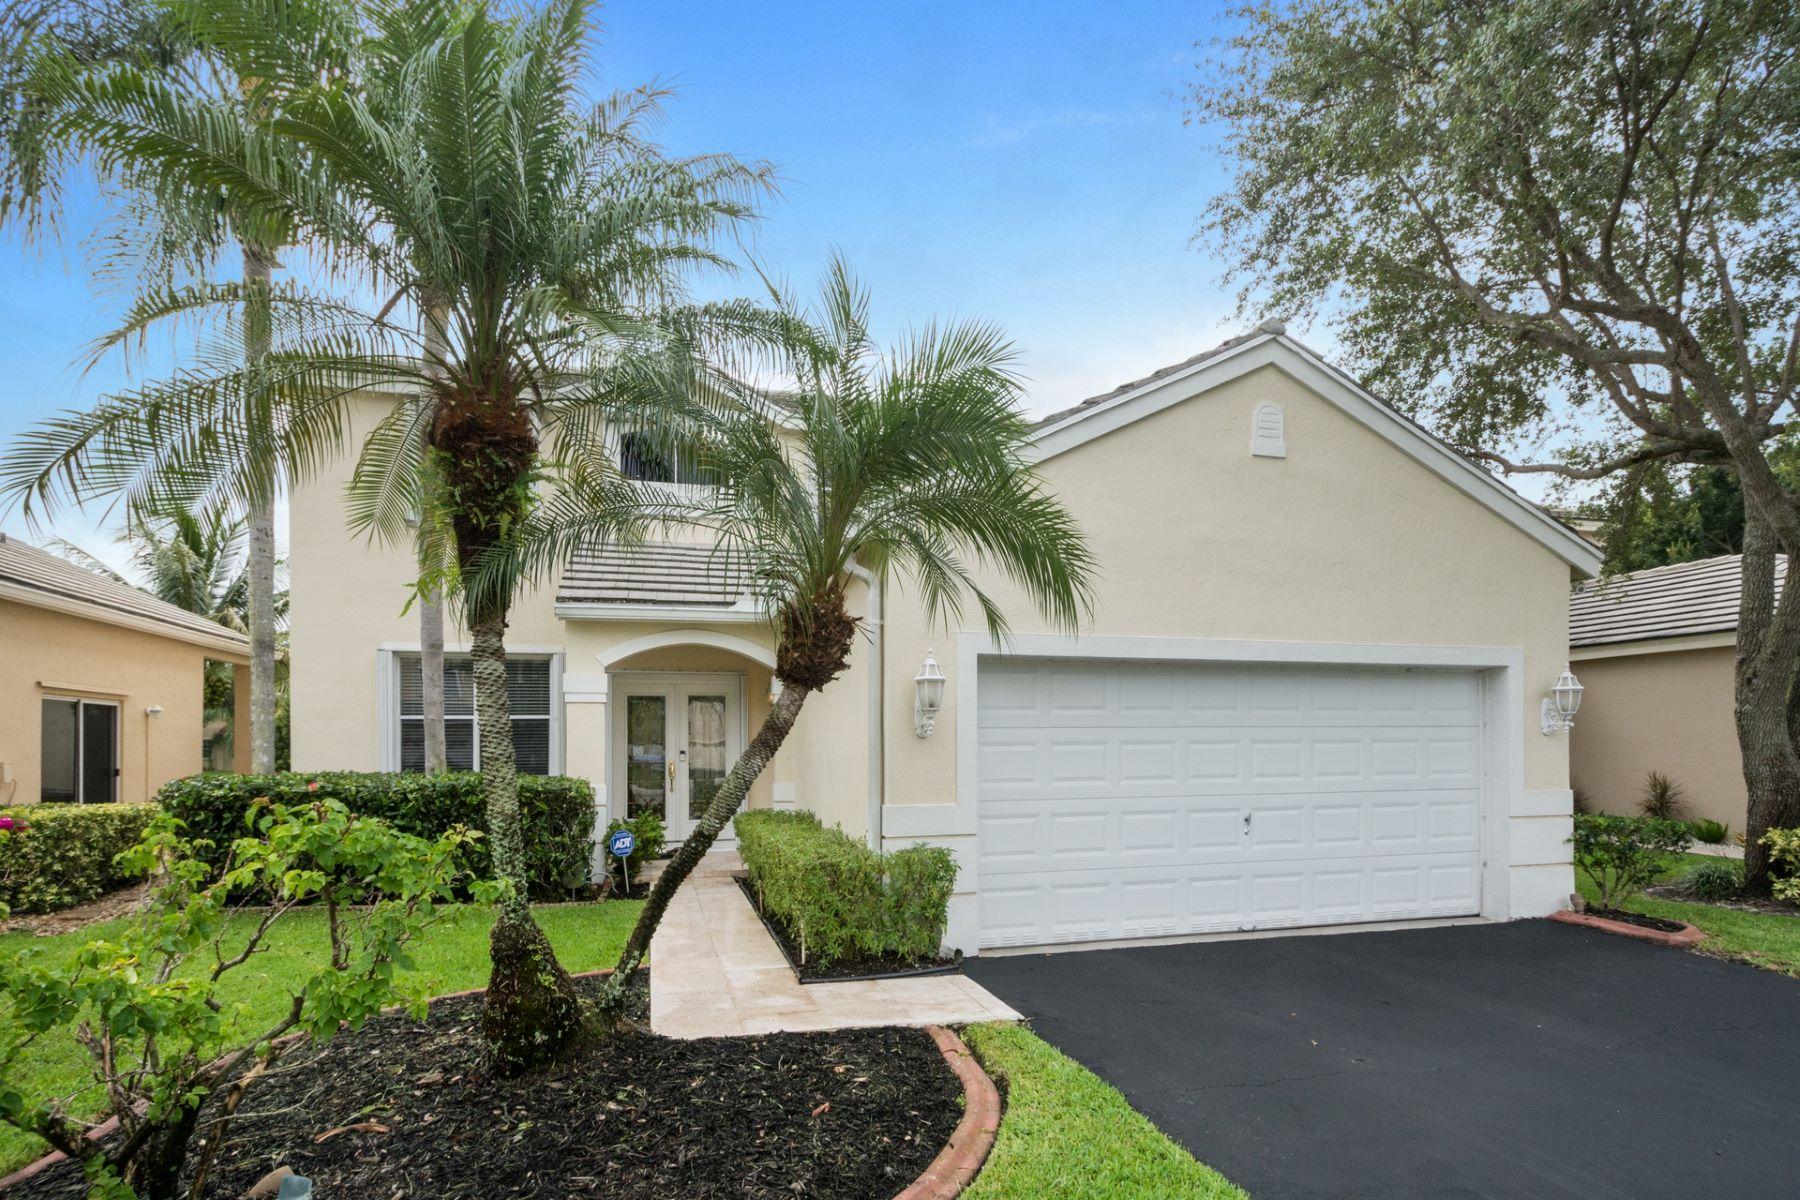 一戸建て のために 売買 アット 237 E Bayridge Dr. Weston, フロリダ, 33326 アメリカ合衆国